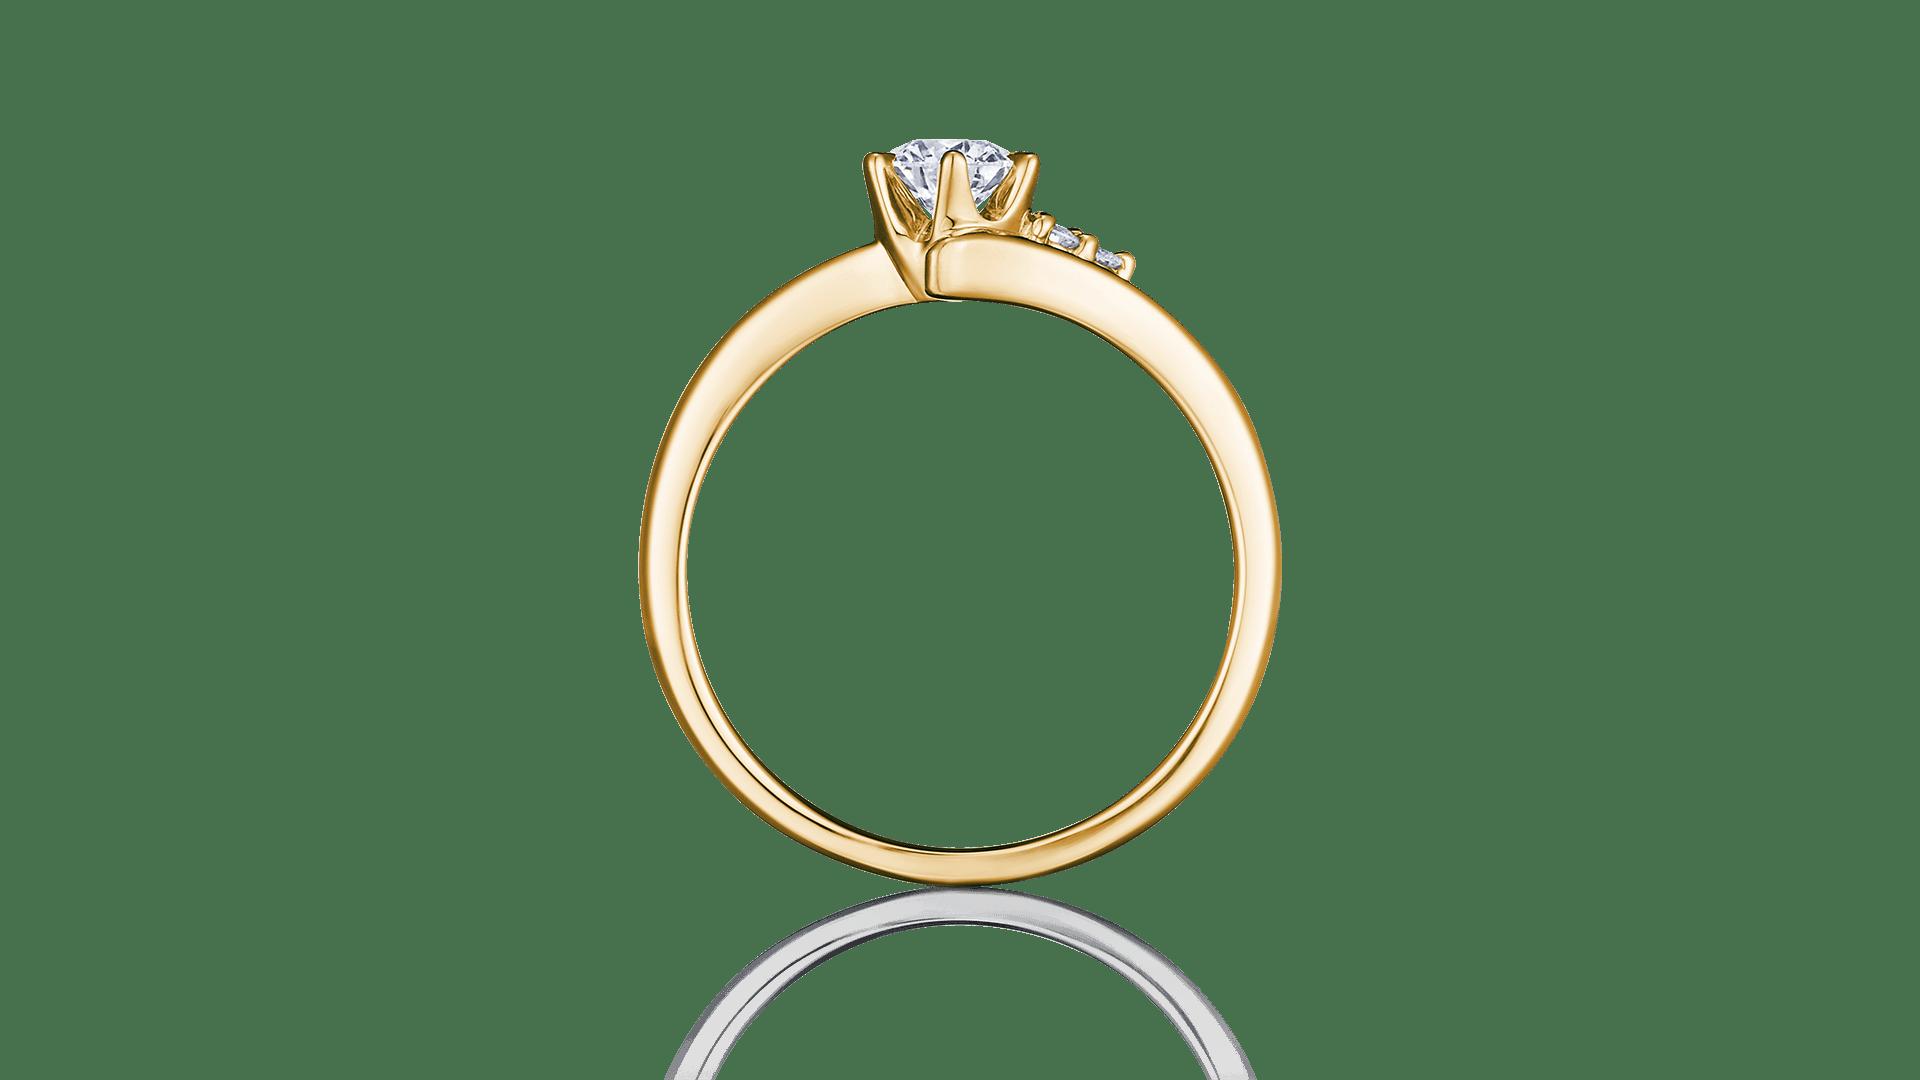 mira ミラ   婚約指輪サムネイル 2